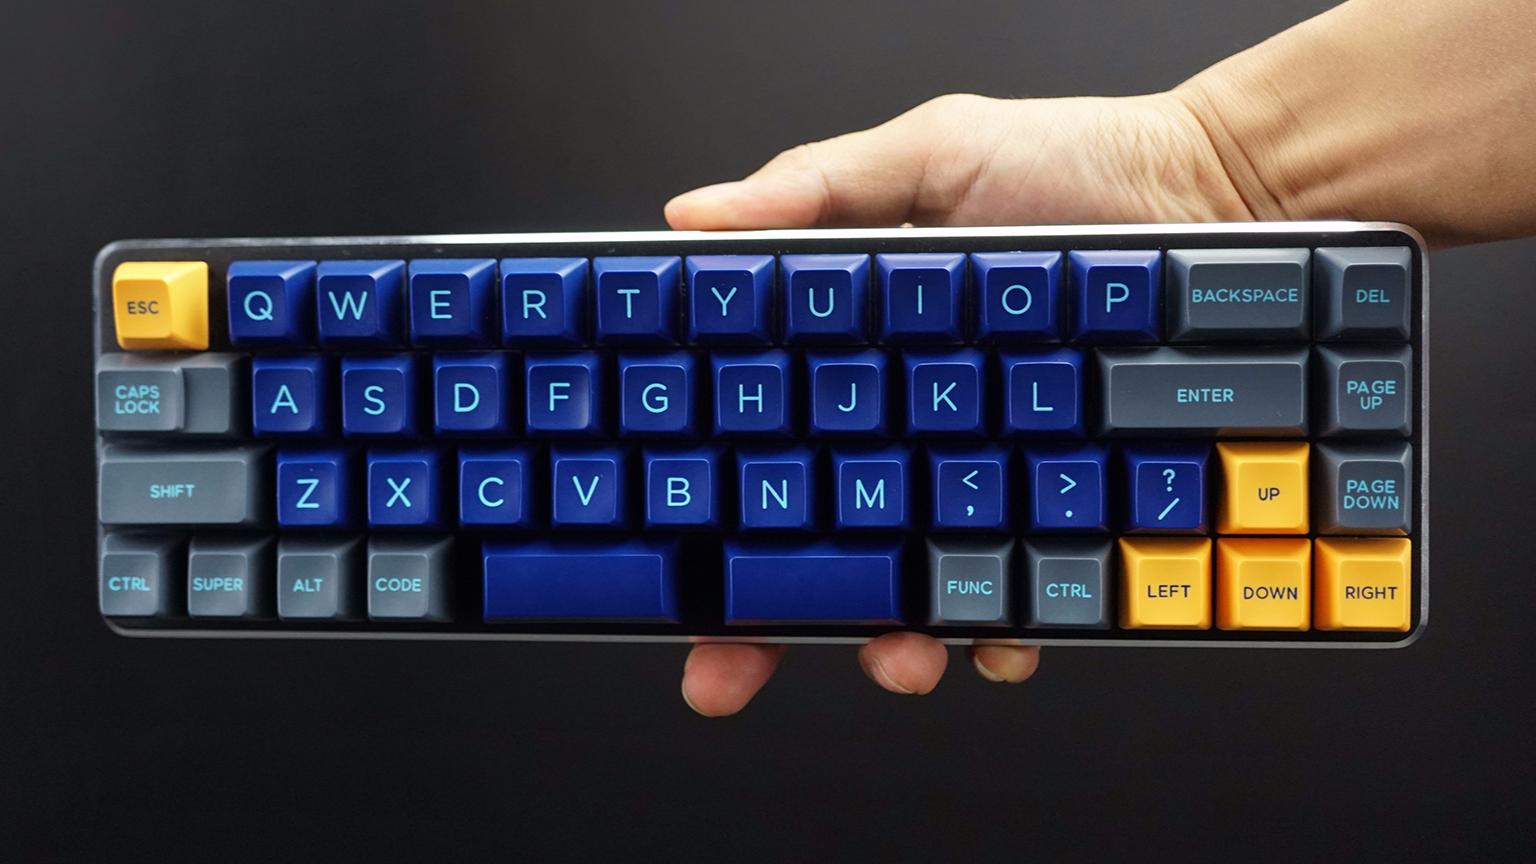 「翻箱底」这把机械键盘,大部分人都用不来